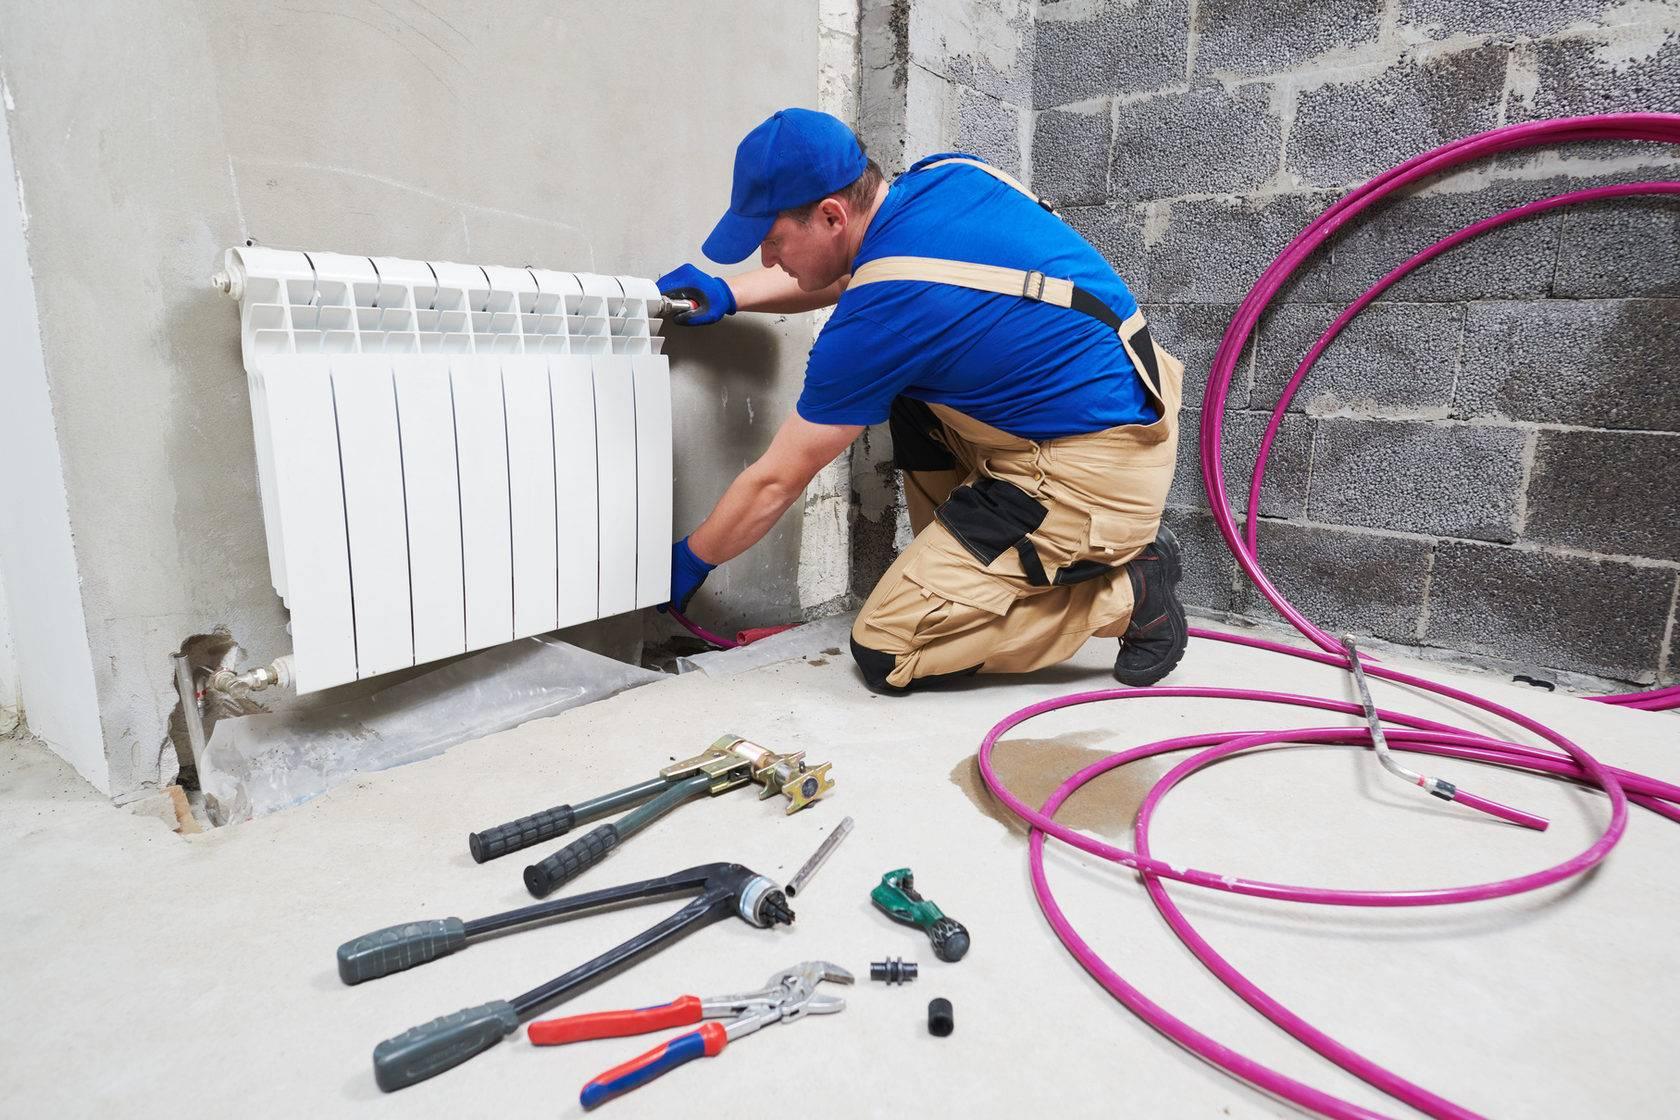 Замена отопления в частном доме | самоделки на все случаи жизни - notperfect.ru